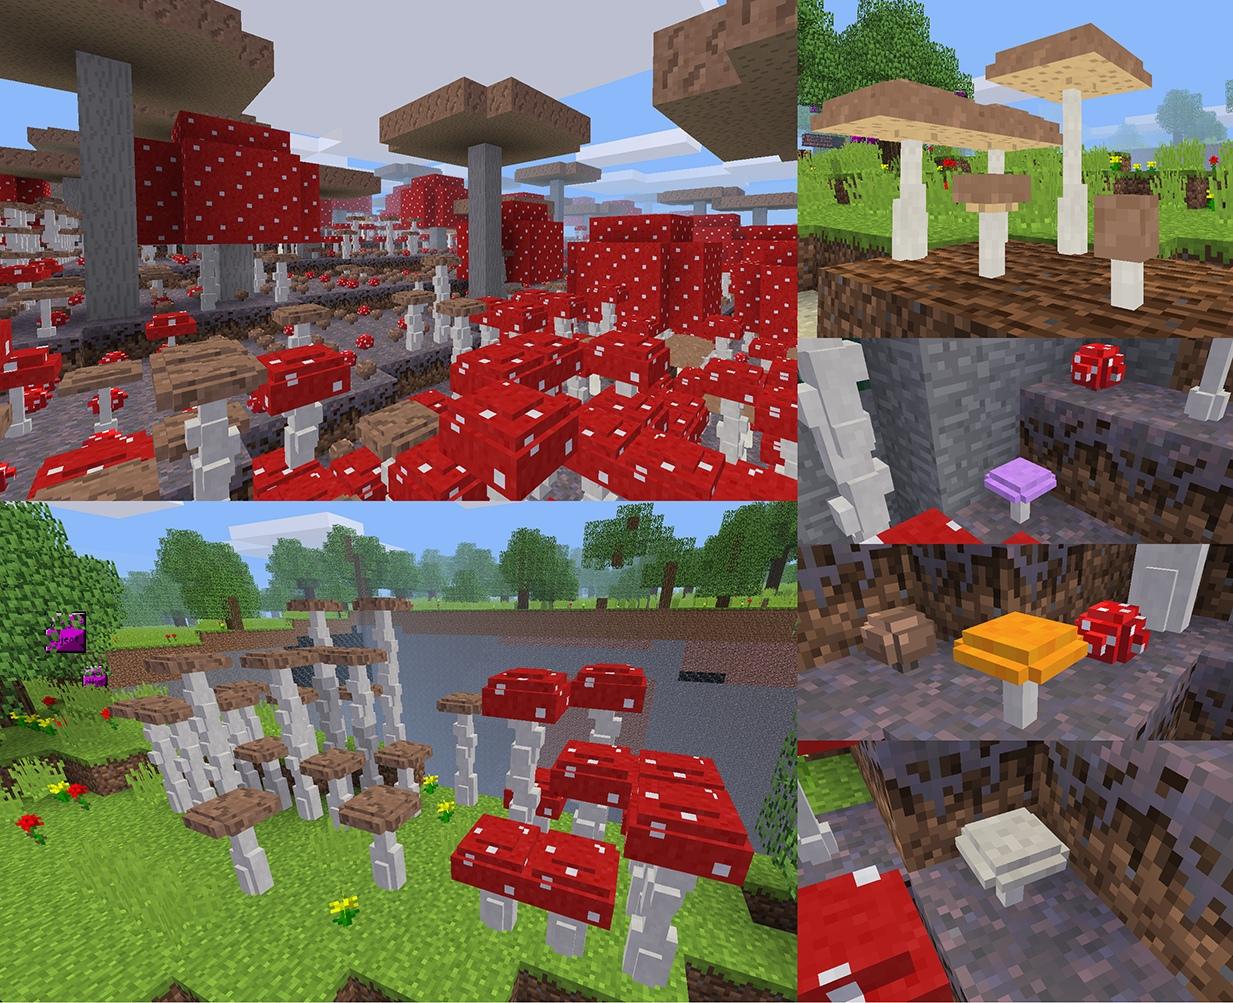 Minetest mushroom biome